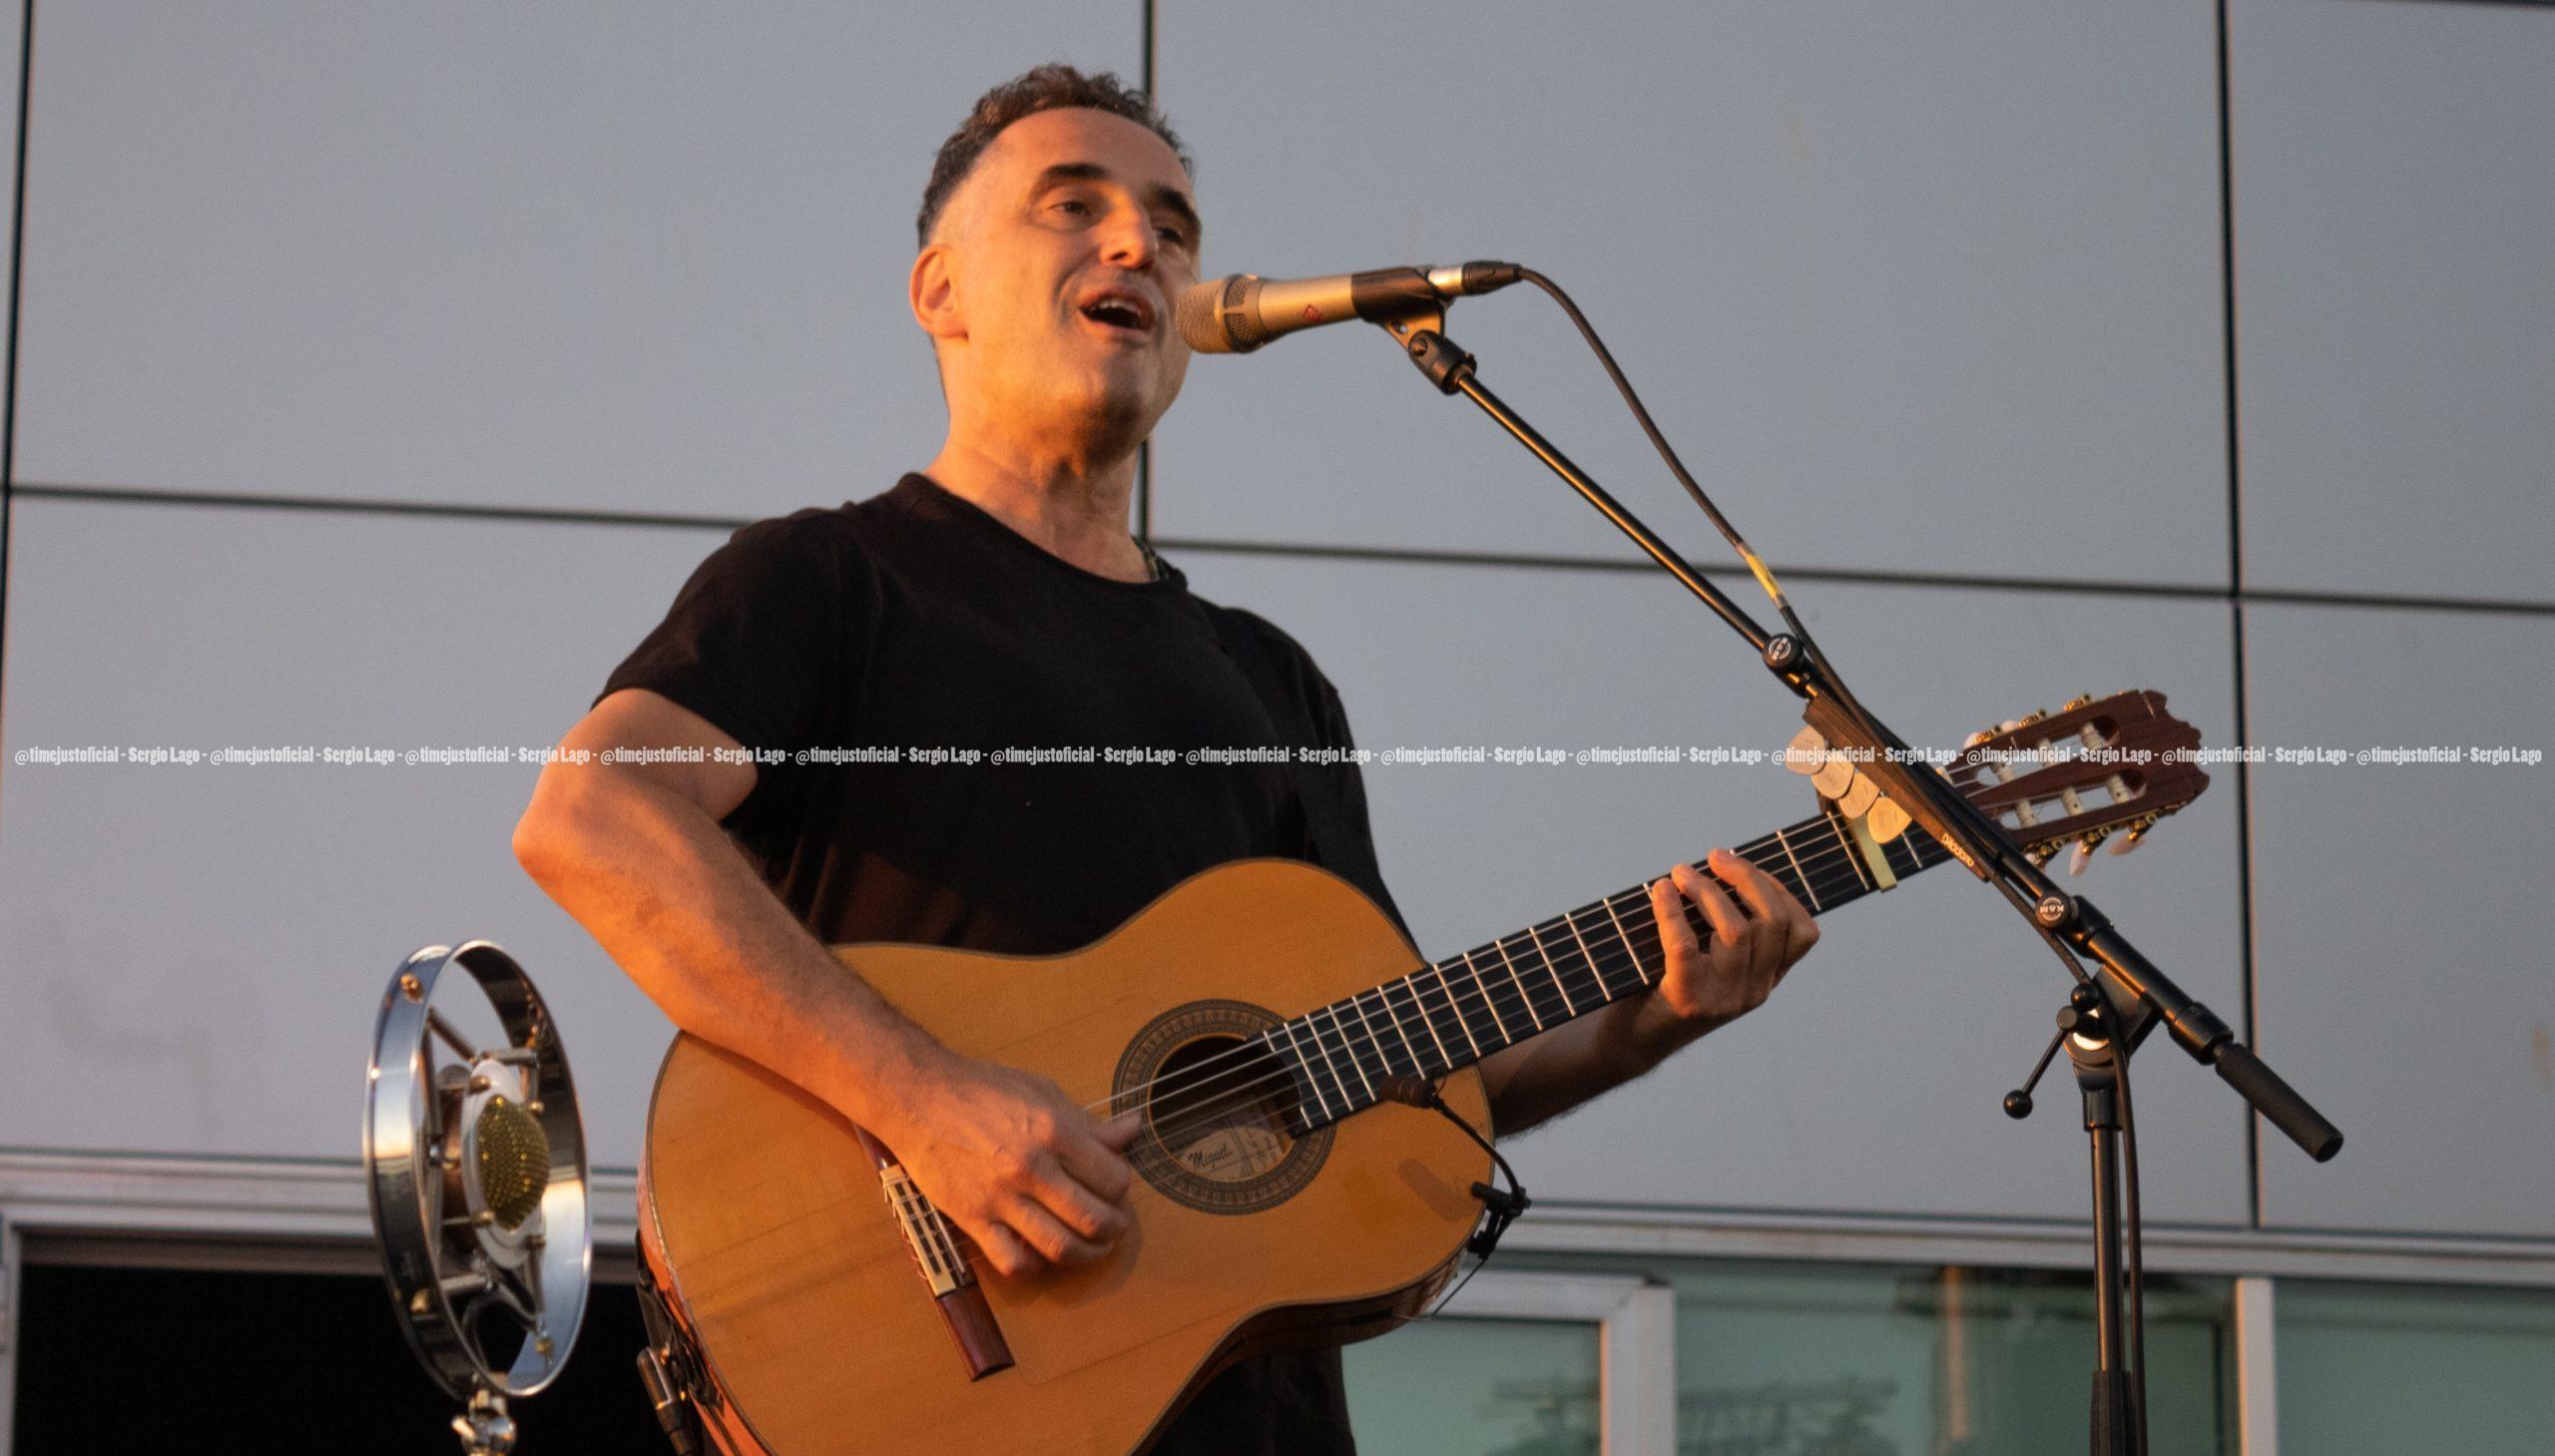 Concierto de Jorge Drexler en el Festival TerraCeo con el teloneo de Xoana (10-08-2021) FOTOS SERGIO LAGO (1)